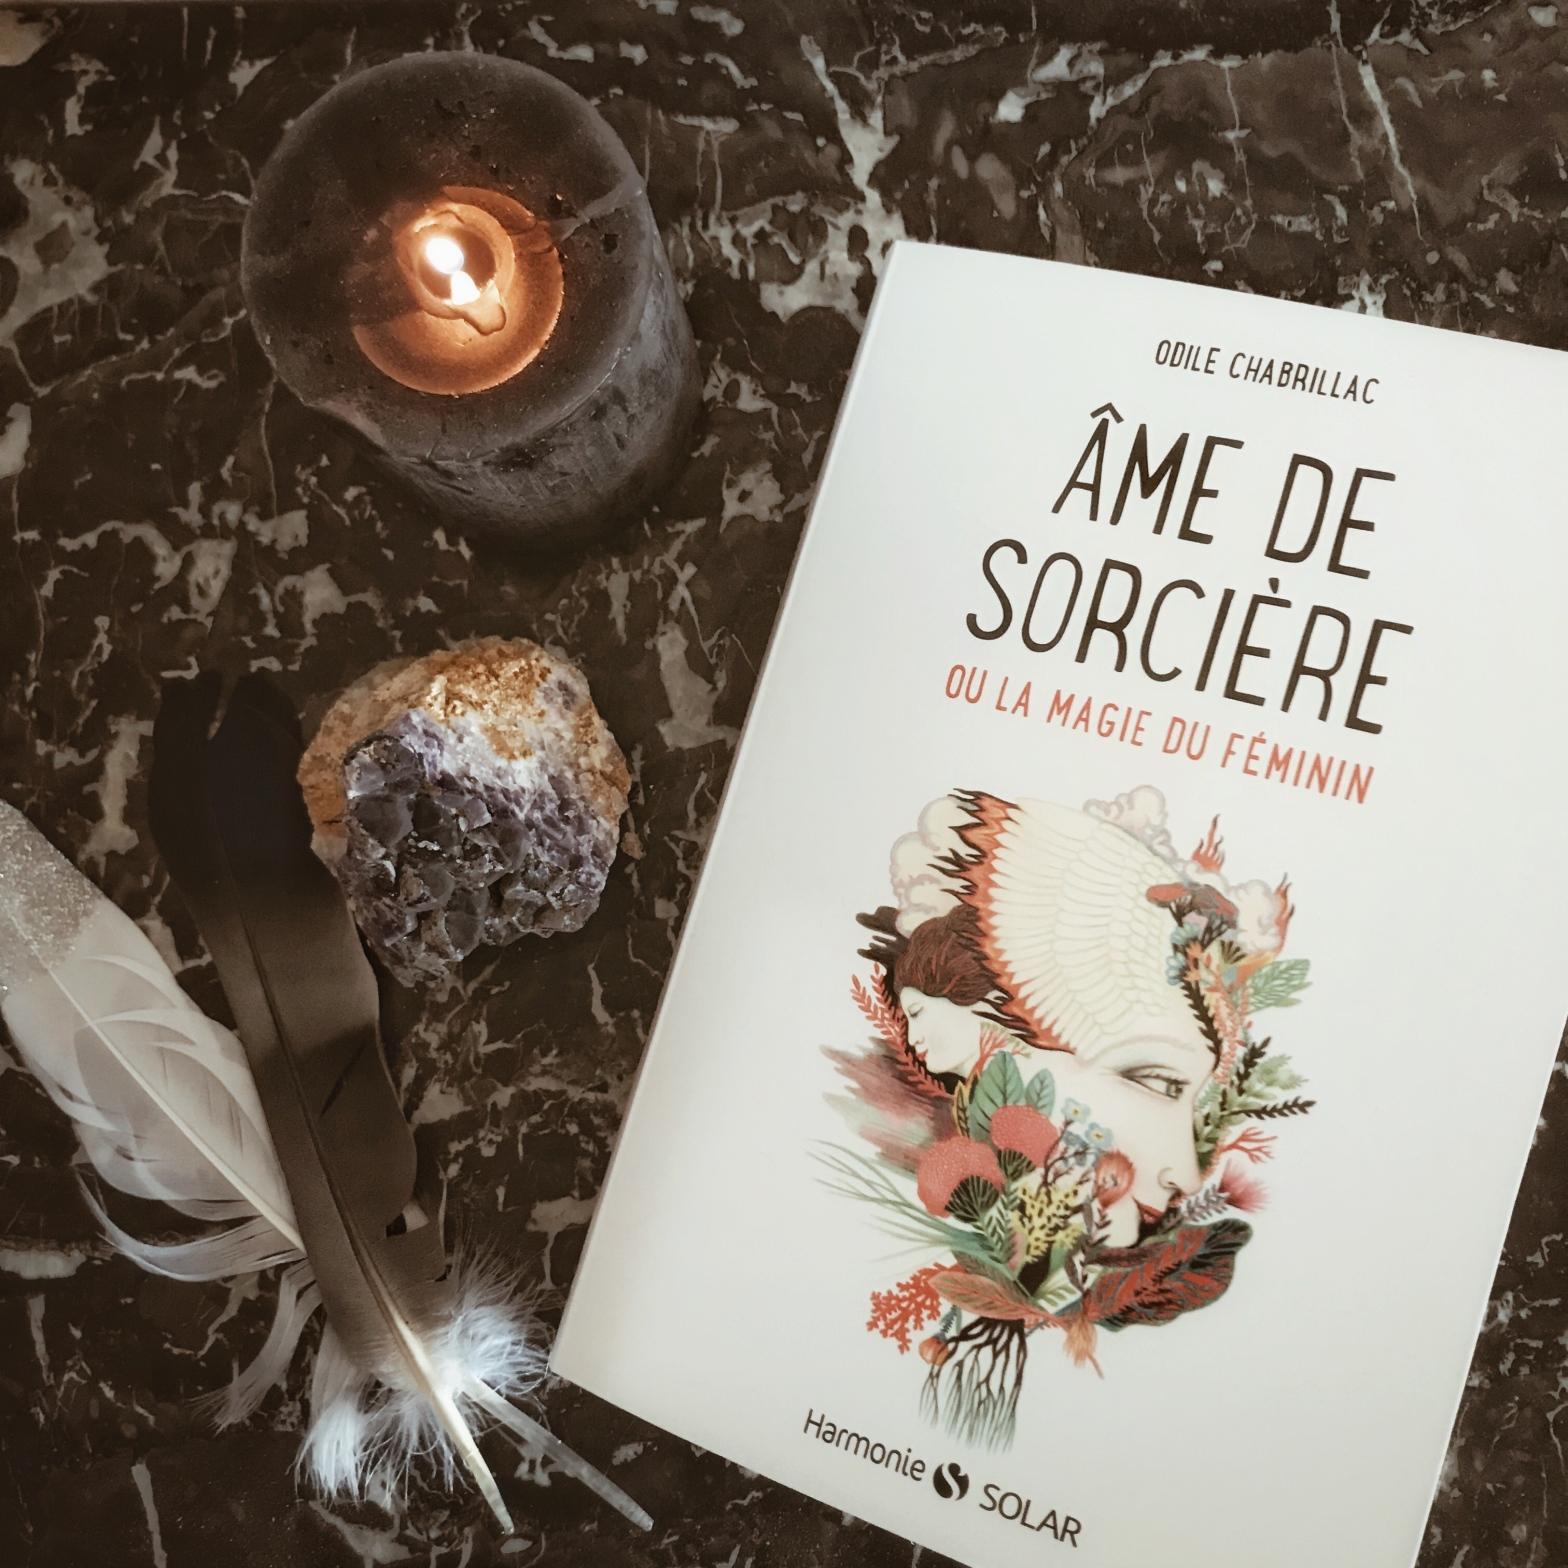 Âme de sorcière ou la magie du féminin, d'Odile Chabrillac : l'âme qui agit